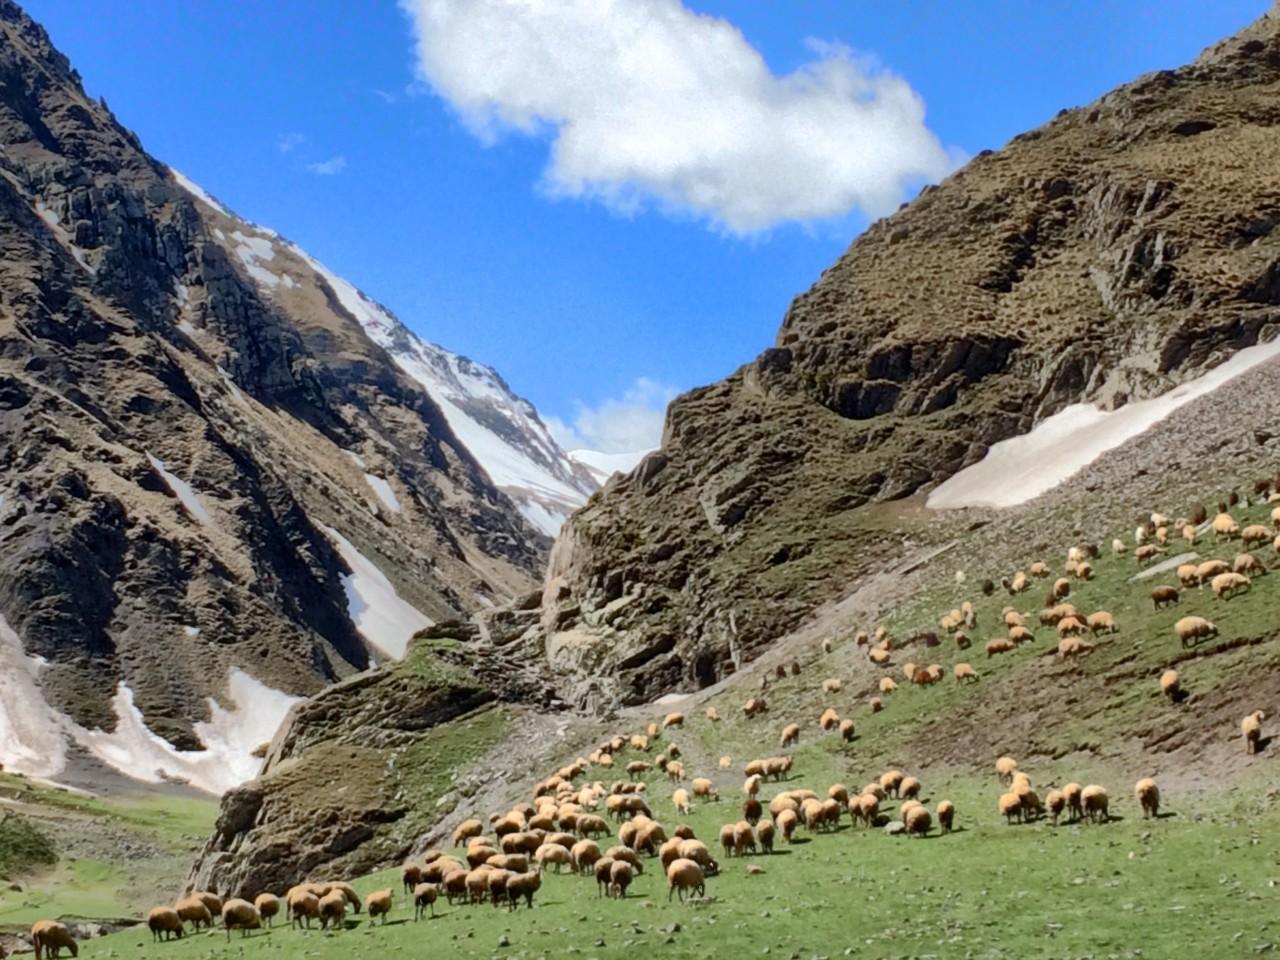 Khinalug mountains and sheep